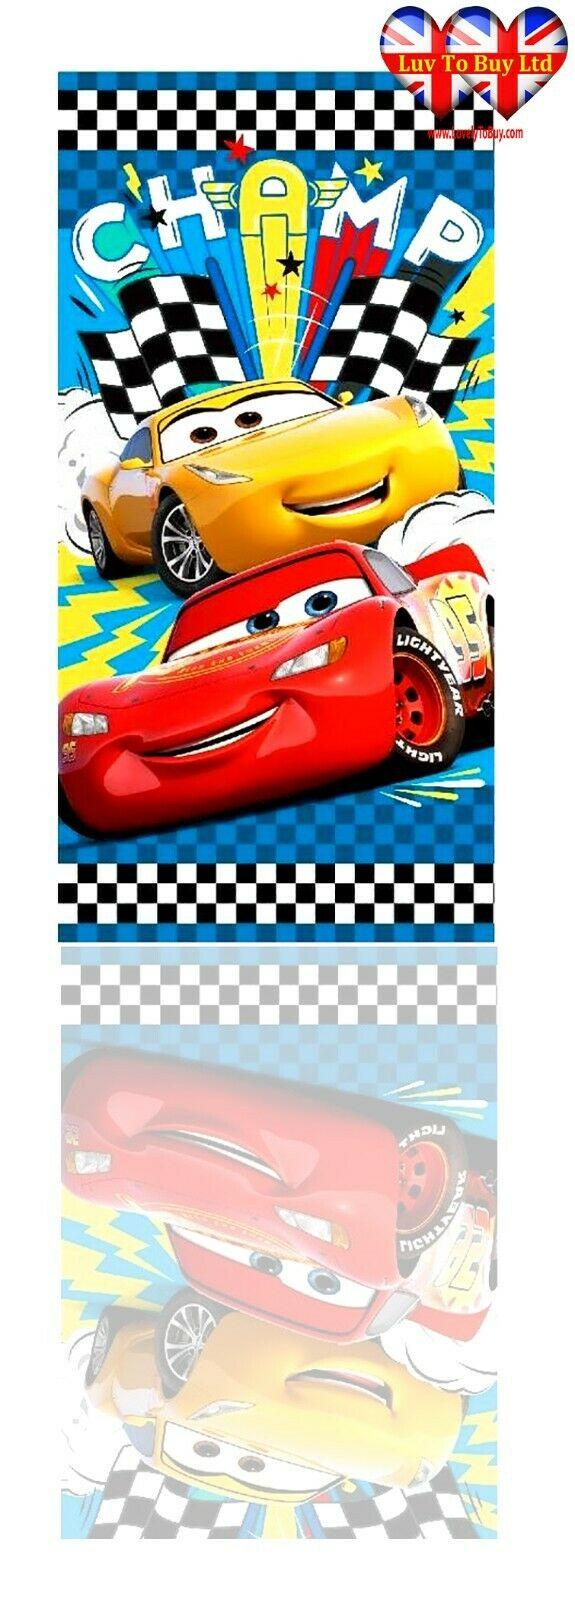 Disney Pixar Cars Towel,Beach Towel,Bath Towel,Swimming Towel